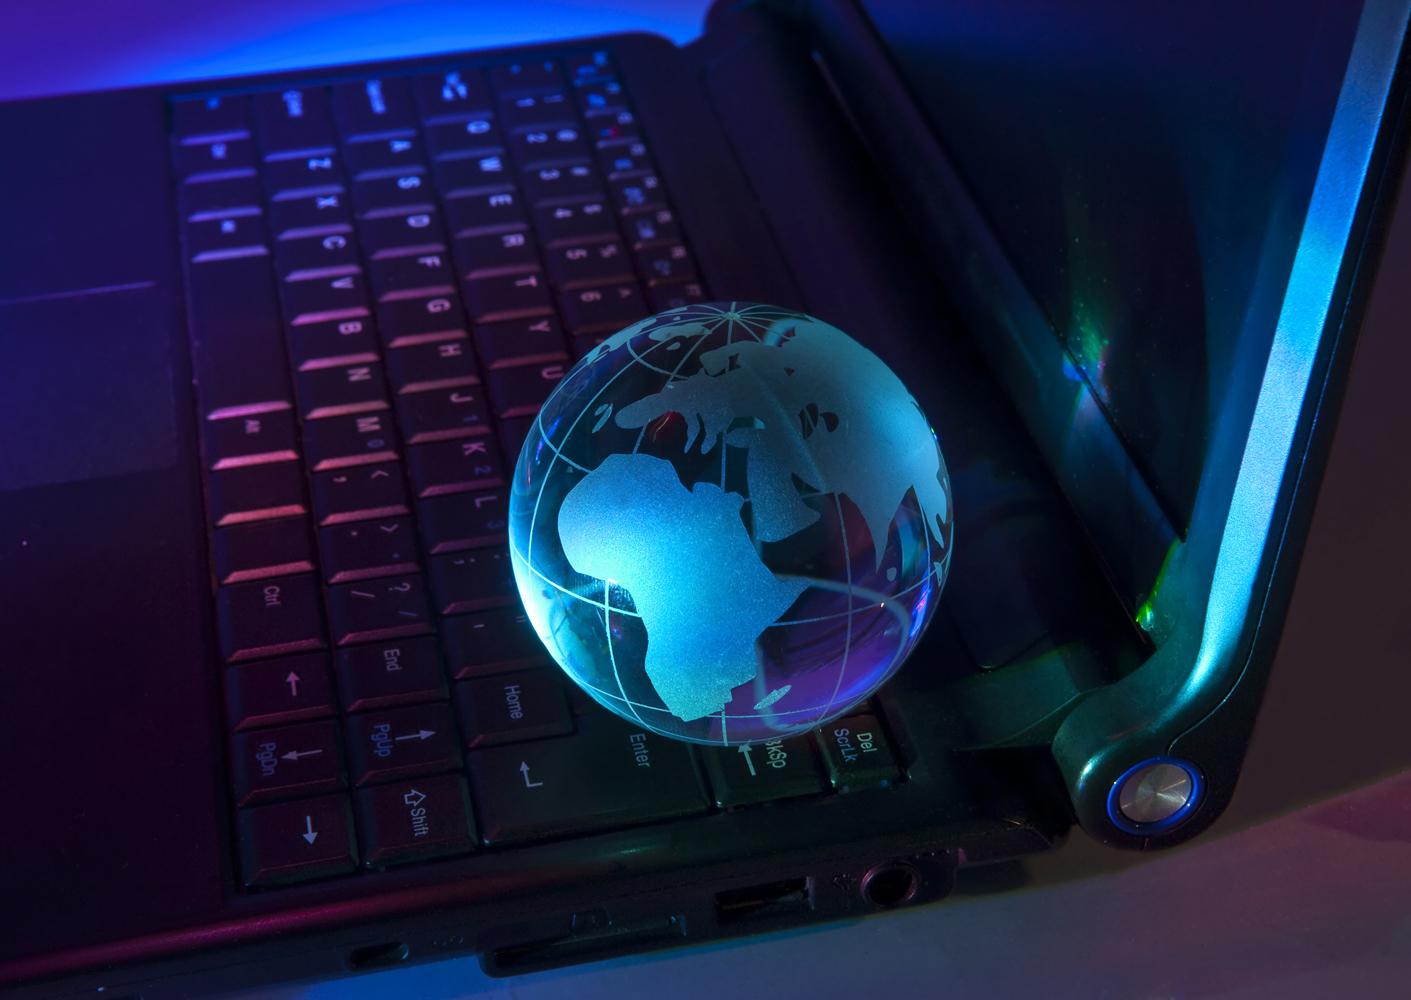 semnale ale opțiunilor binare pe niveluri lucrați pe internet fără plăți și investiții